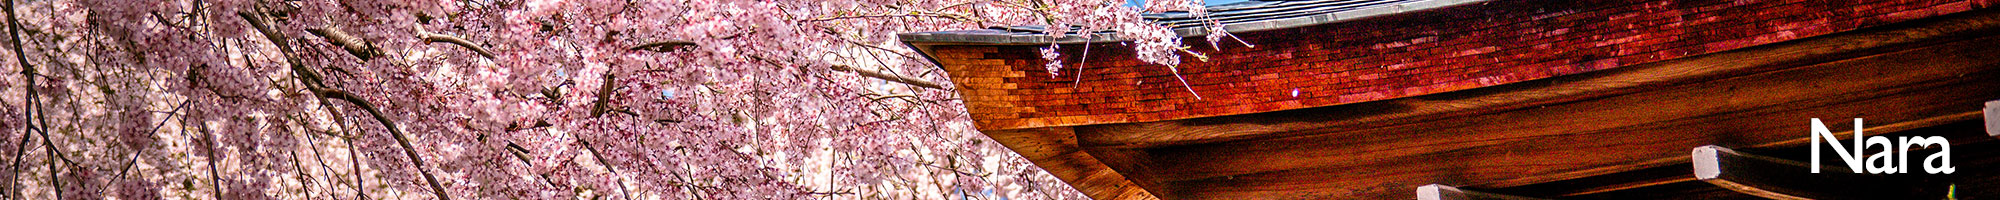 Nara+Sakura.jpeg